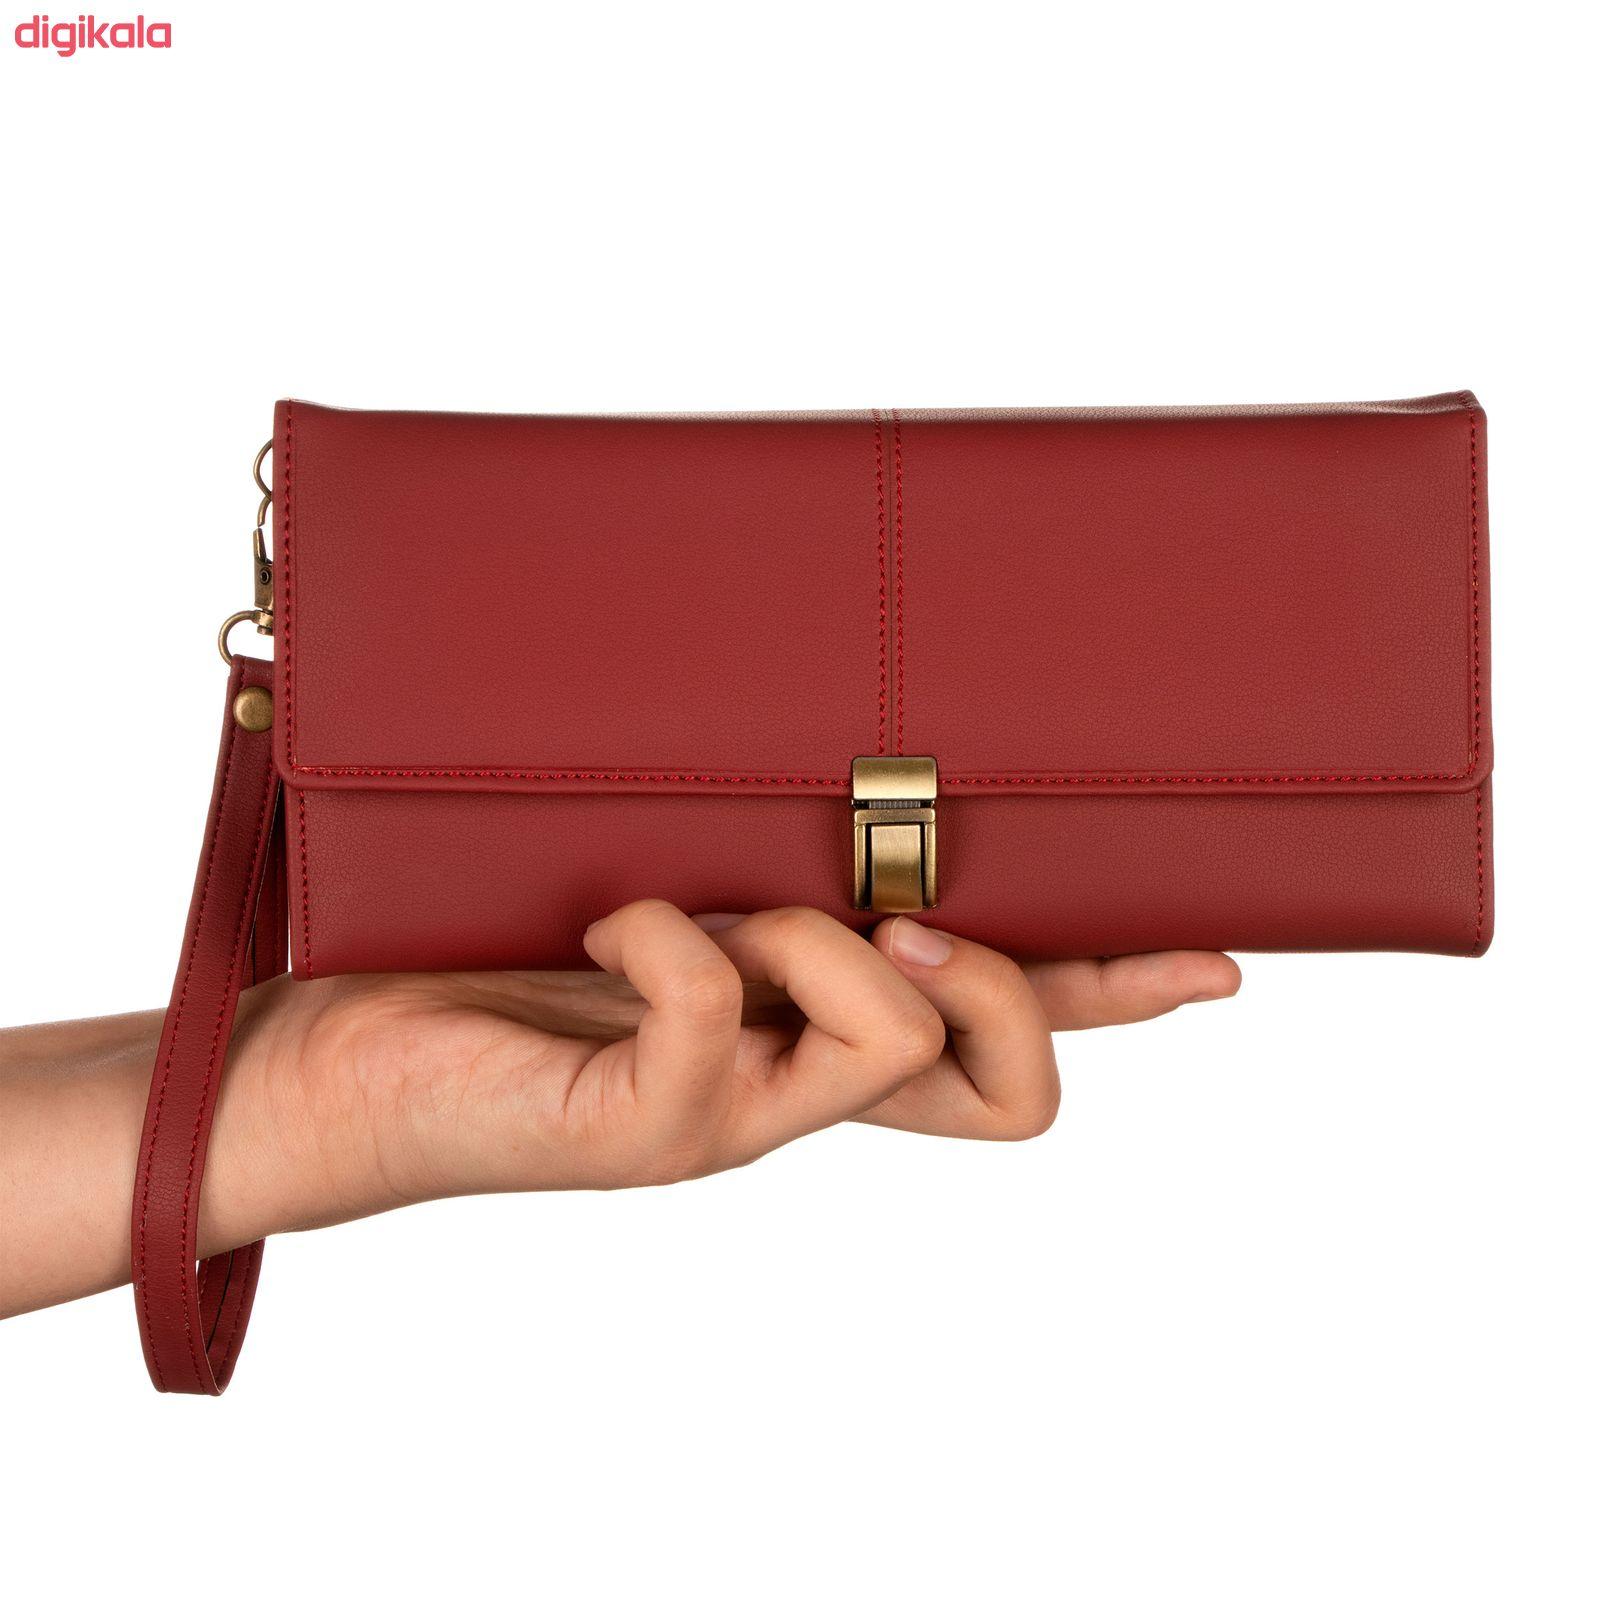 کیف دستی مدل mb0037 main 1 9